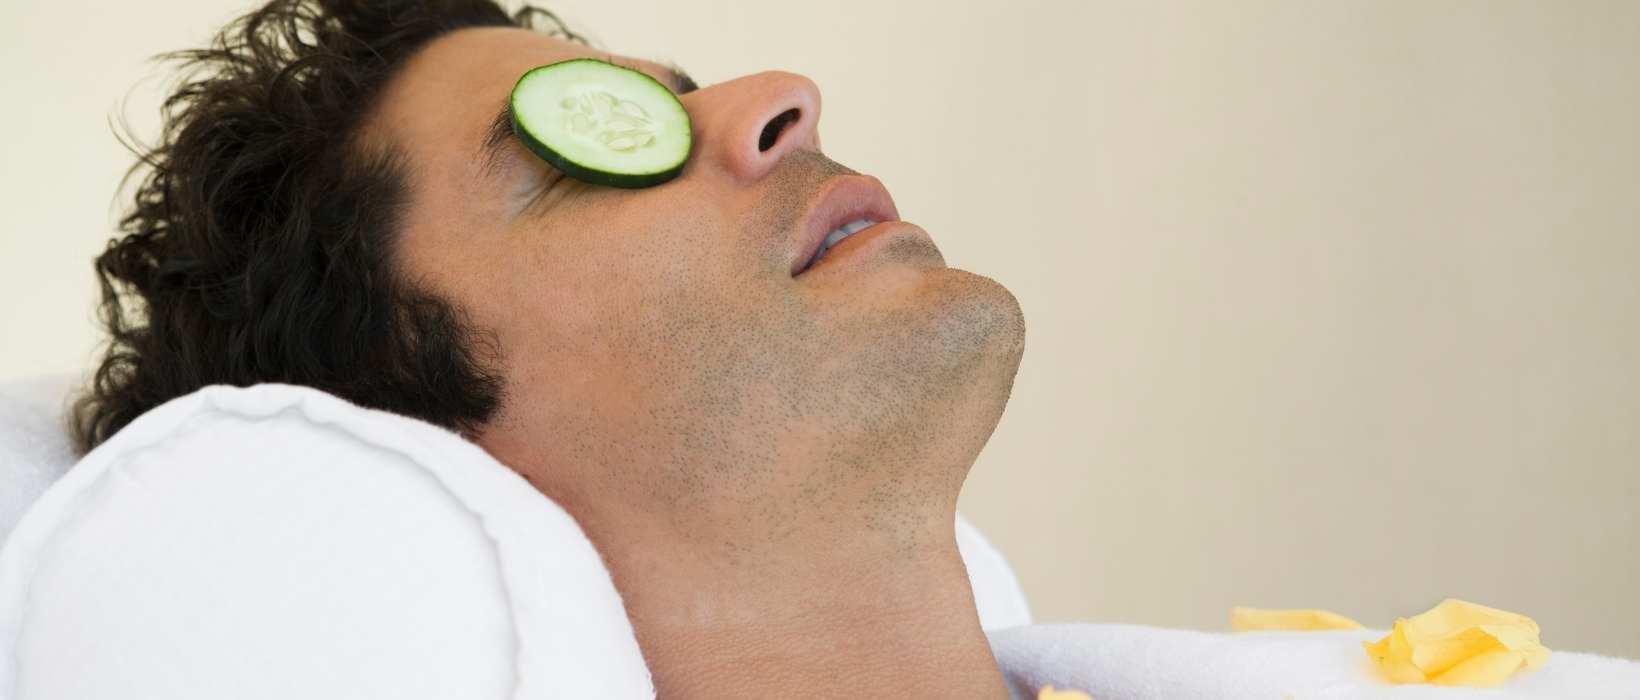 טיפול פנים לגבר תל אביב